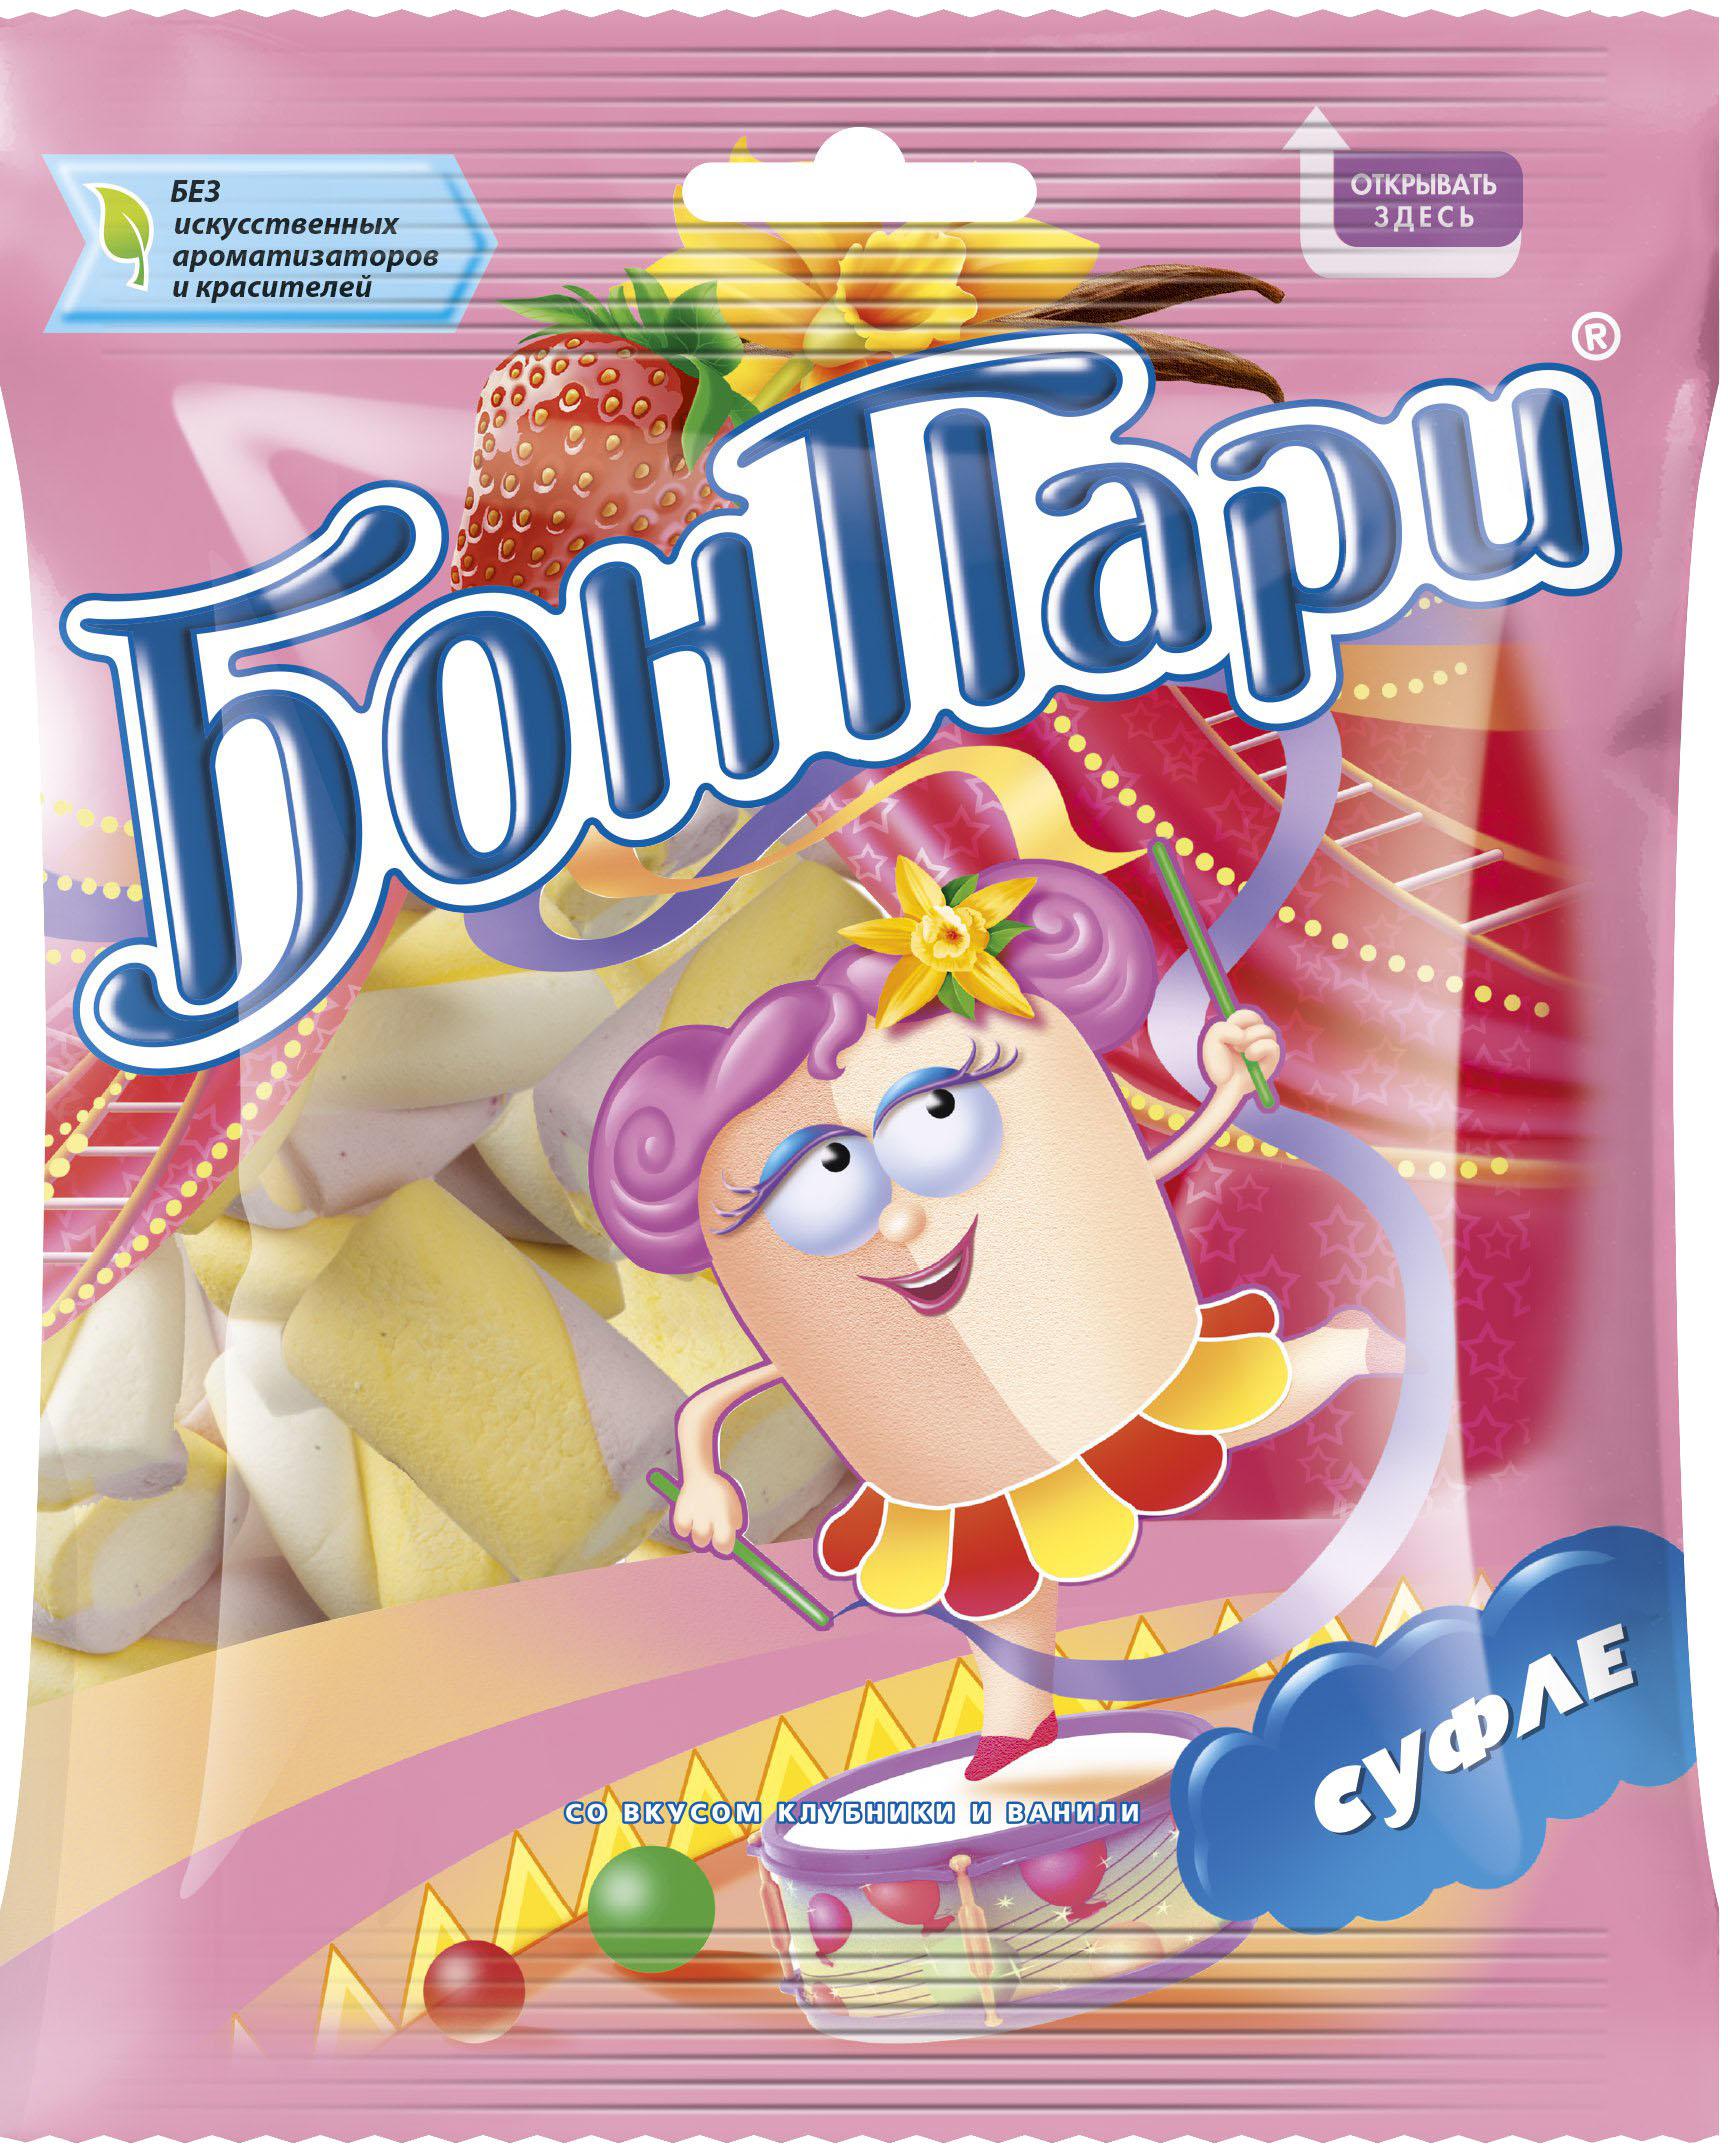 Десерты Бон Пари Суфле Бон Пари 90 г бон пари забавный медвежонок мармелад жевательный фигурный 150 г